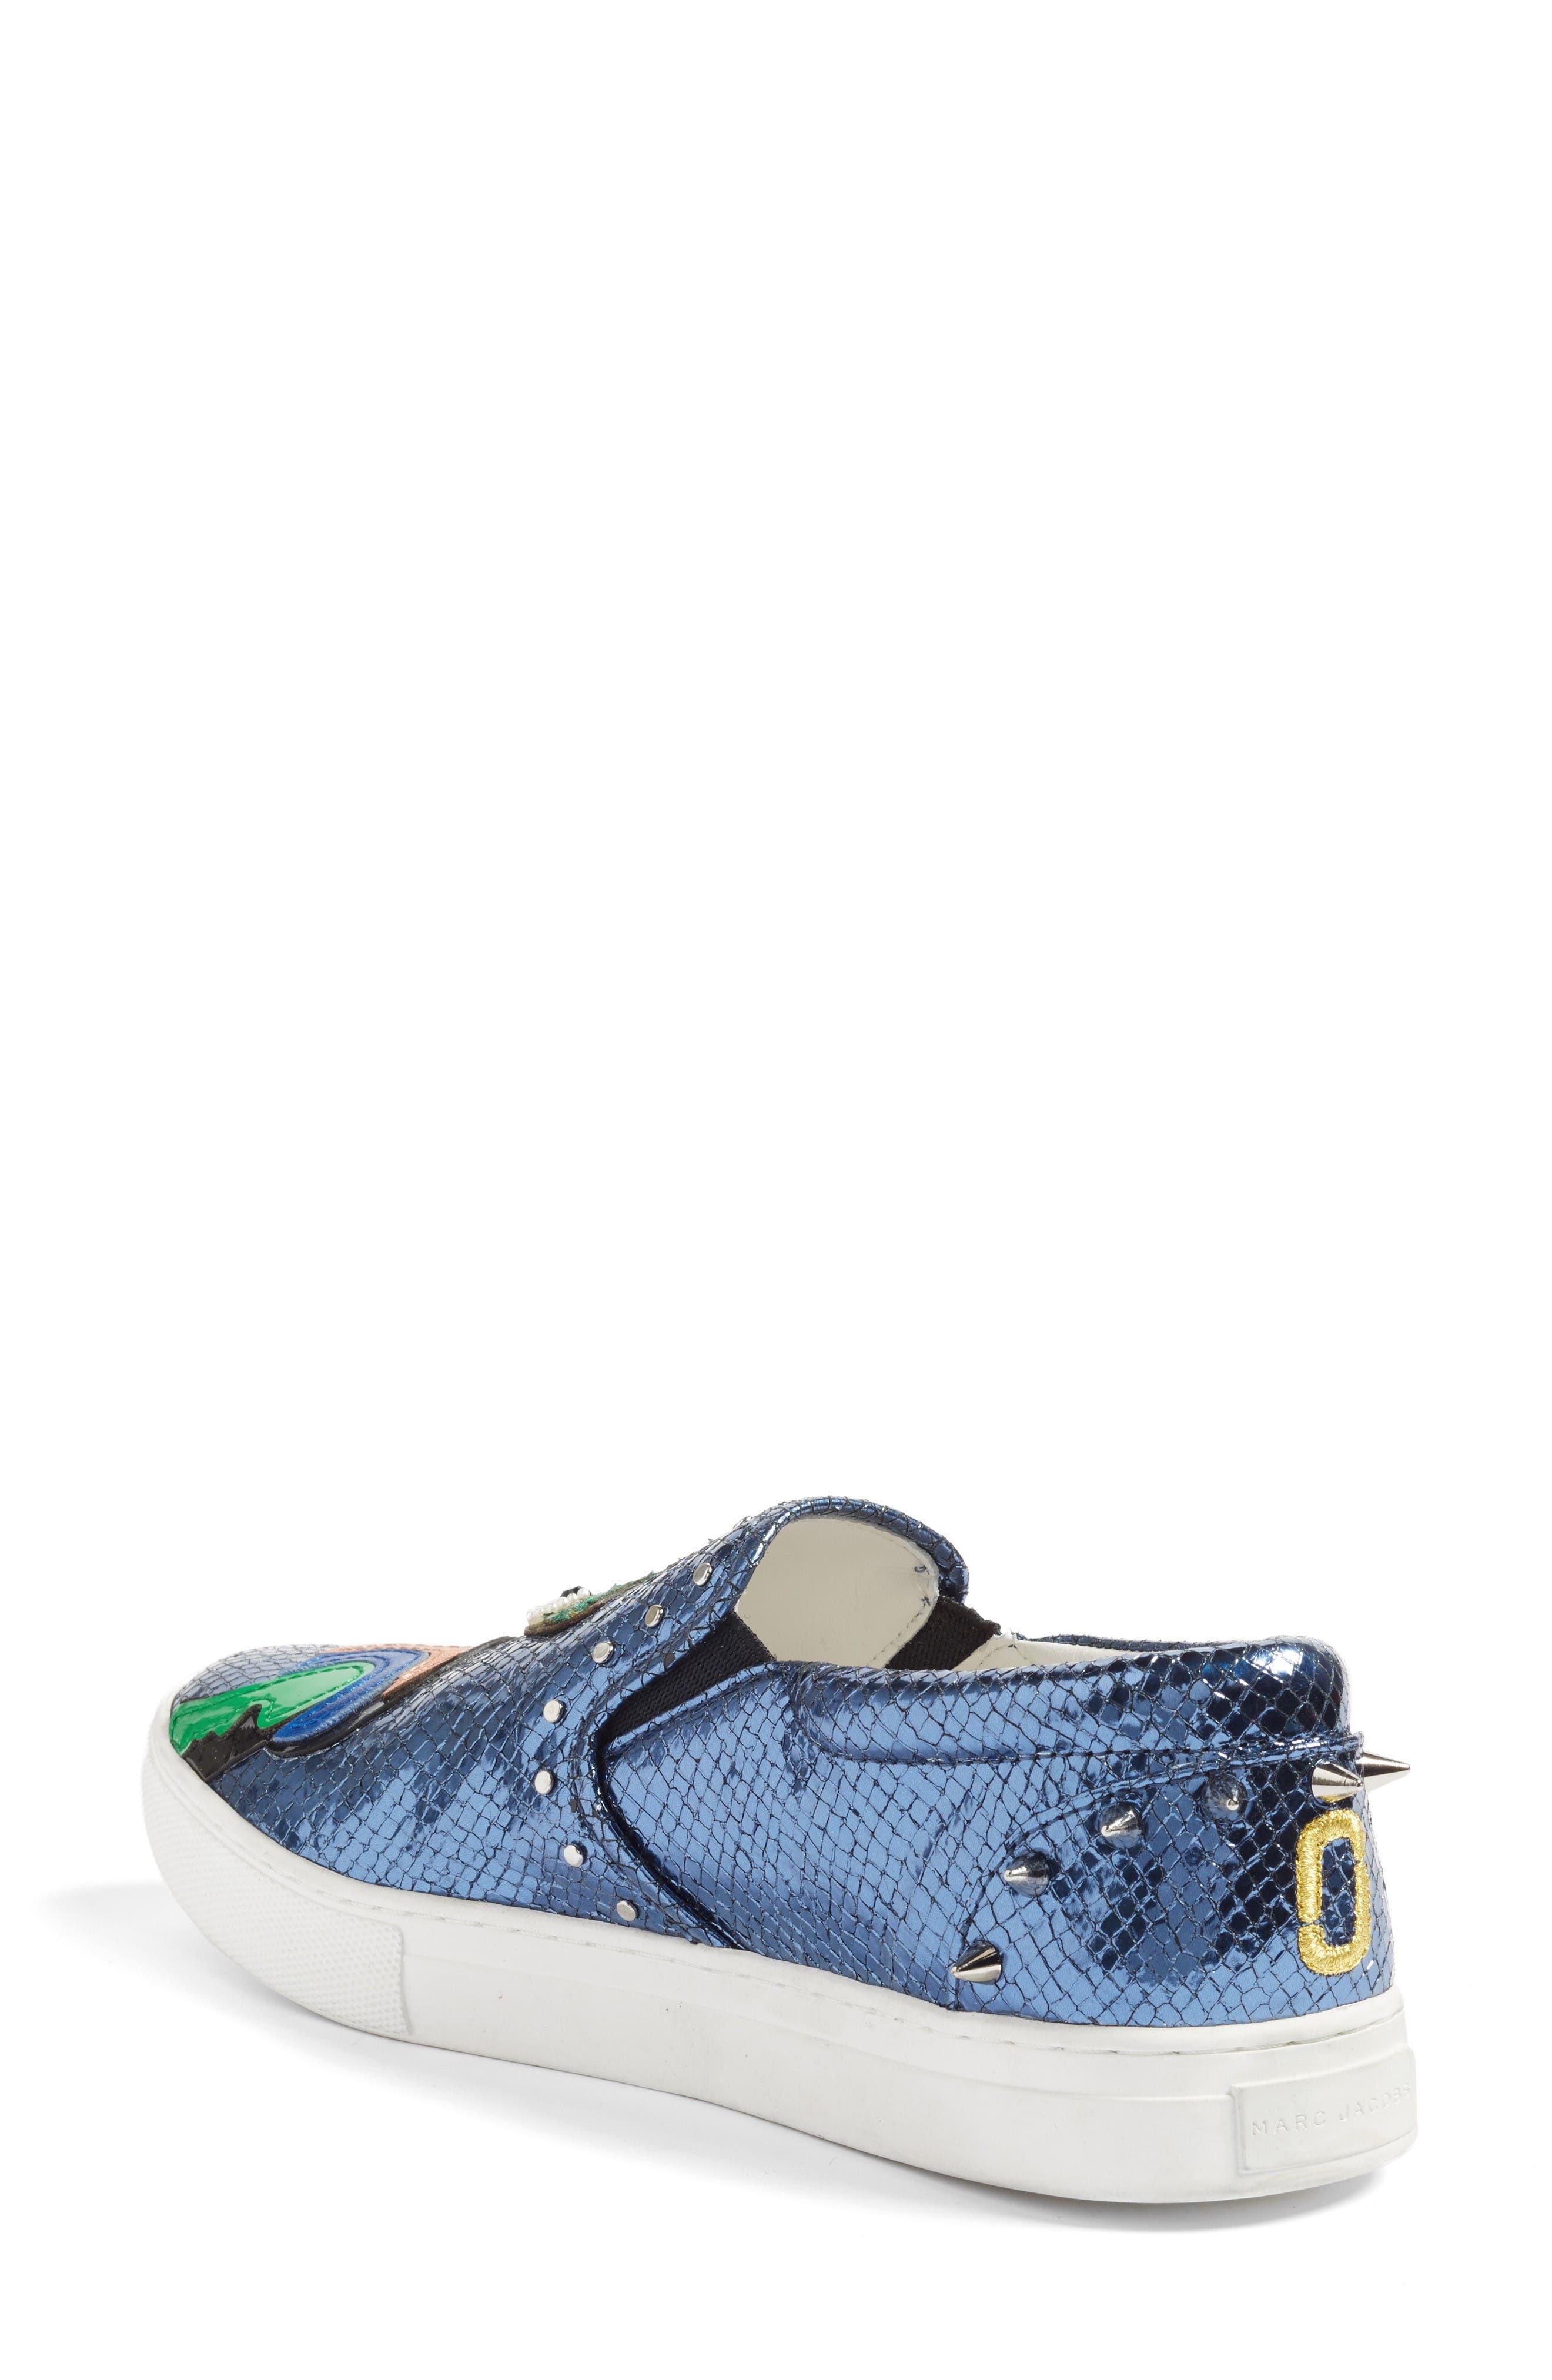 Alternate Image 2  - Marc Jacobs Mercer Embellished Slip-On Sneaker (Women)